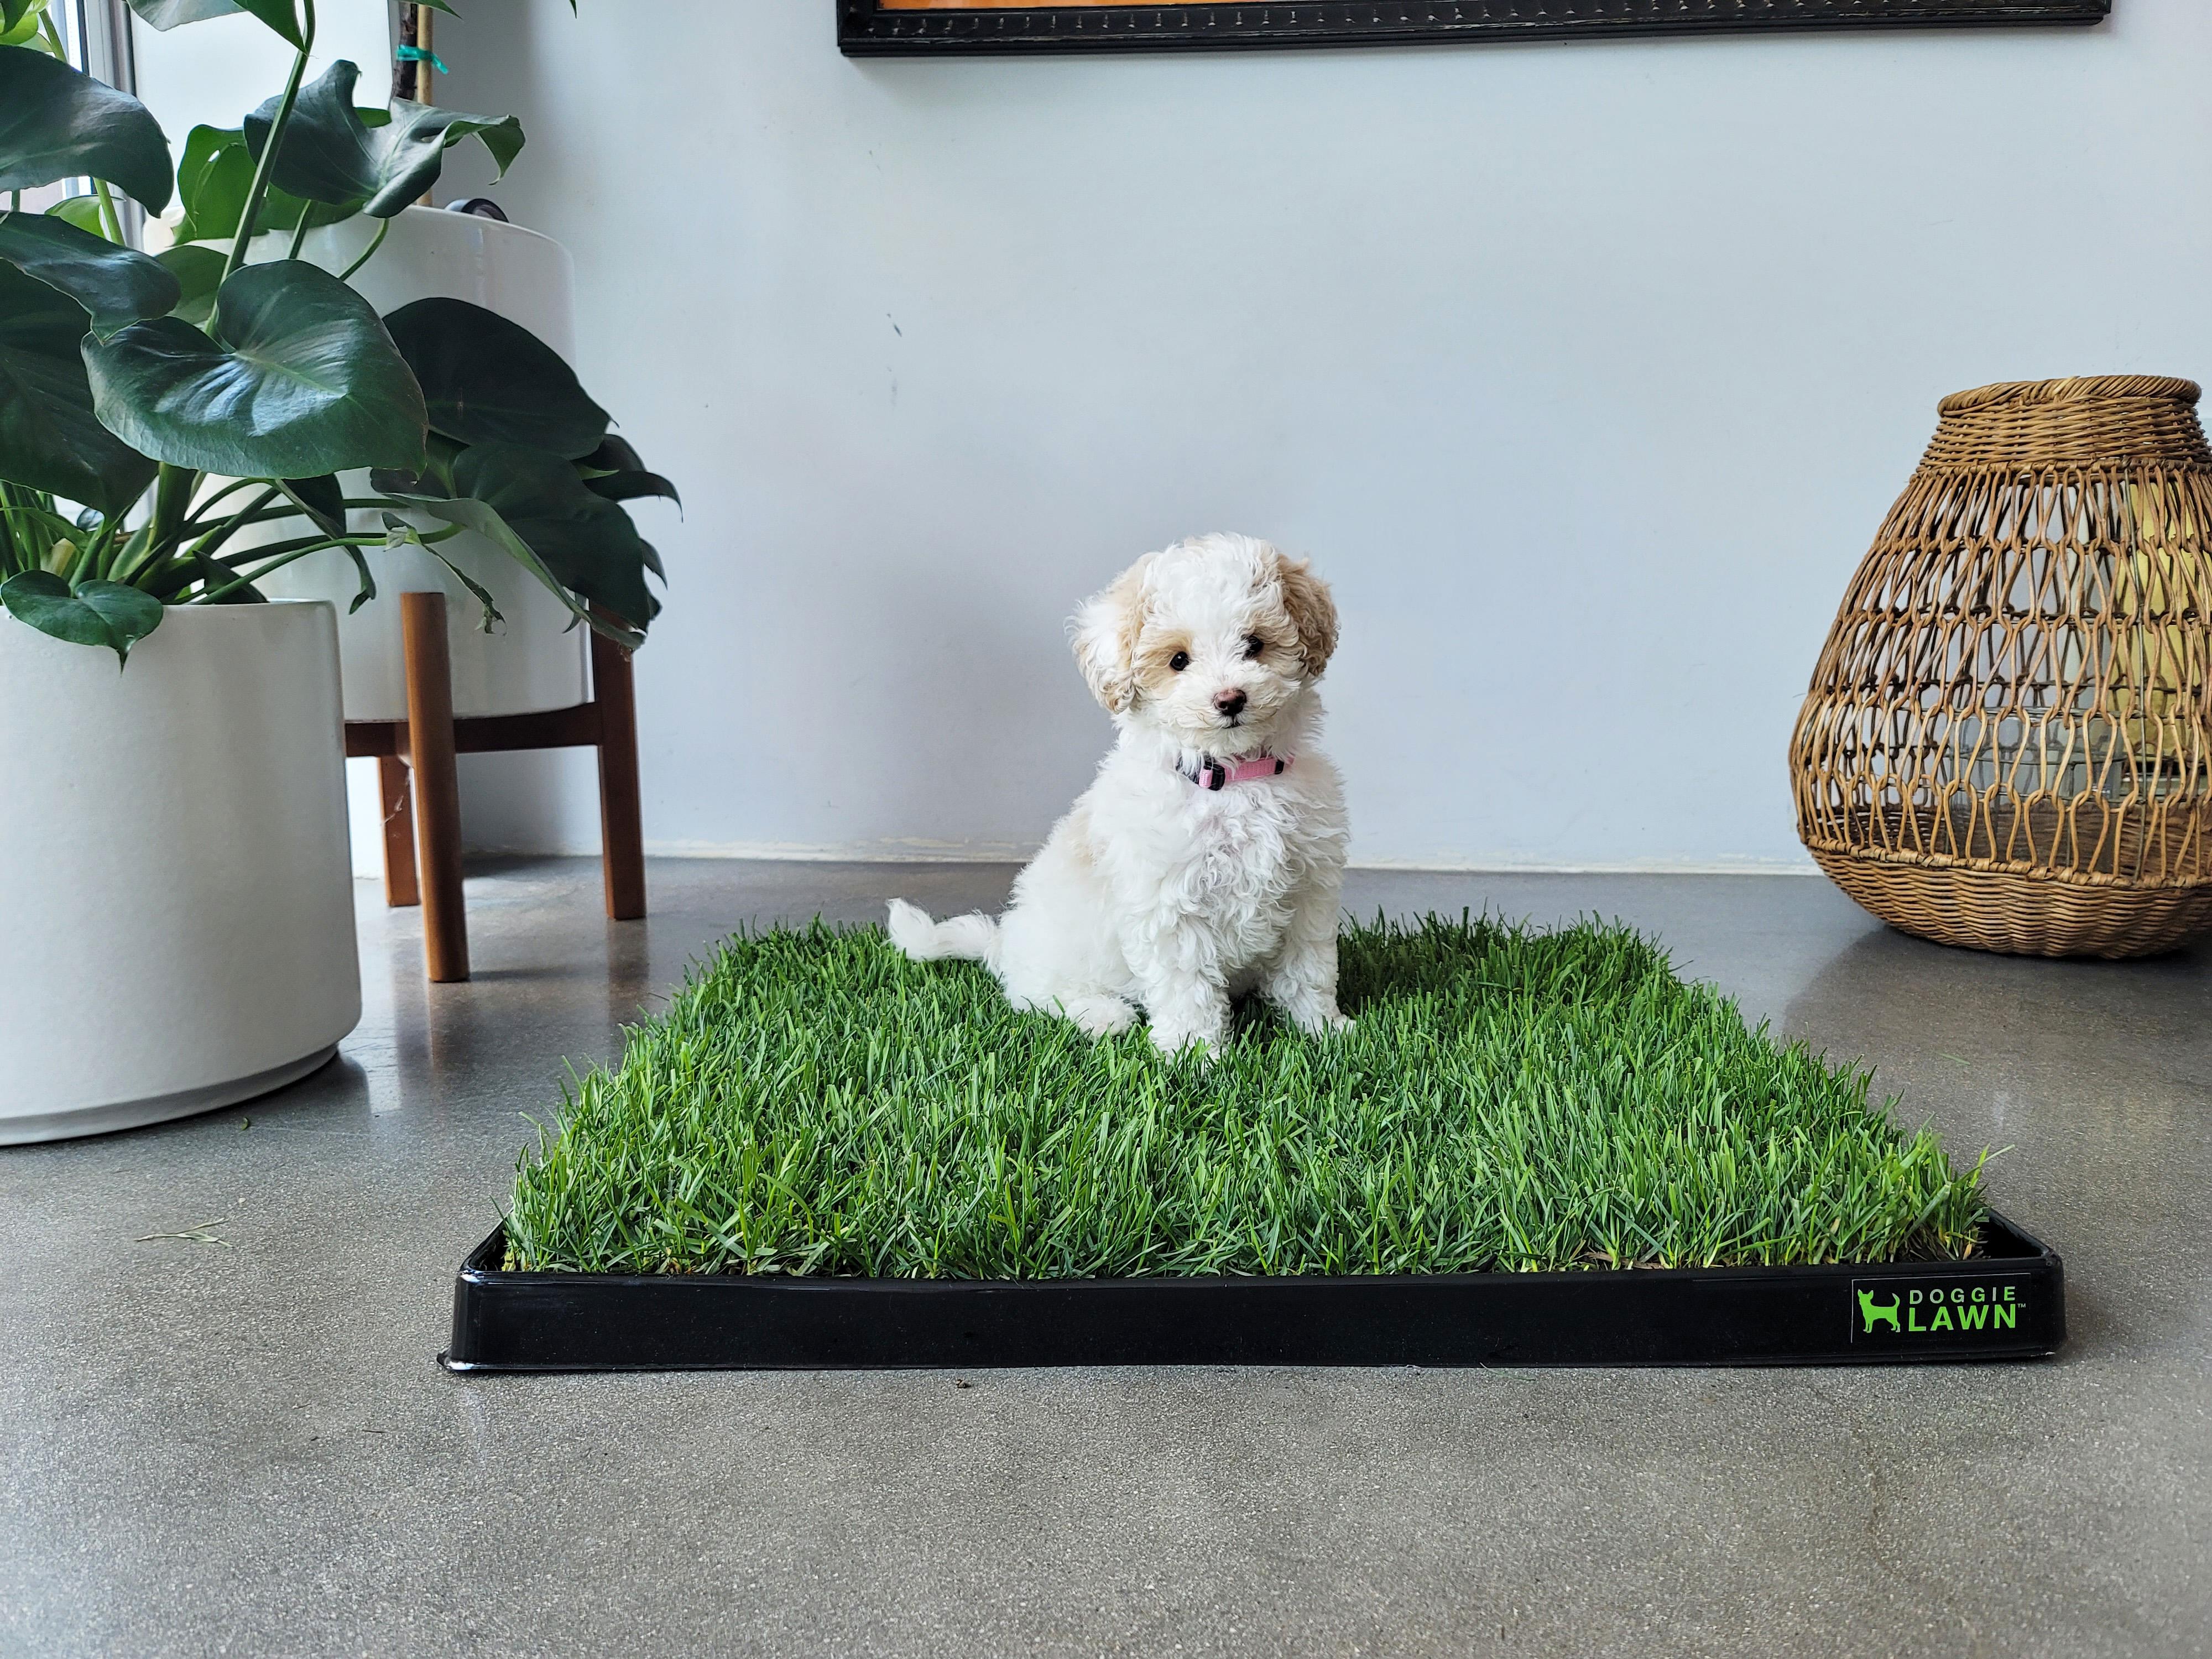 DoggieLawn New Puppy Bundle